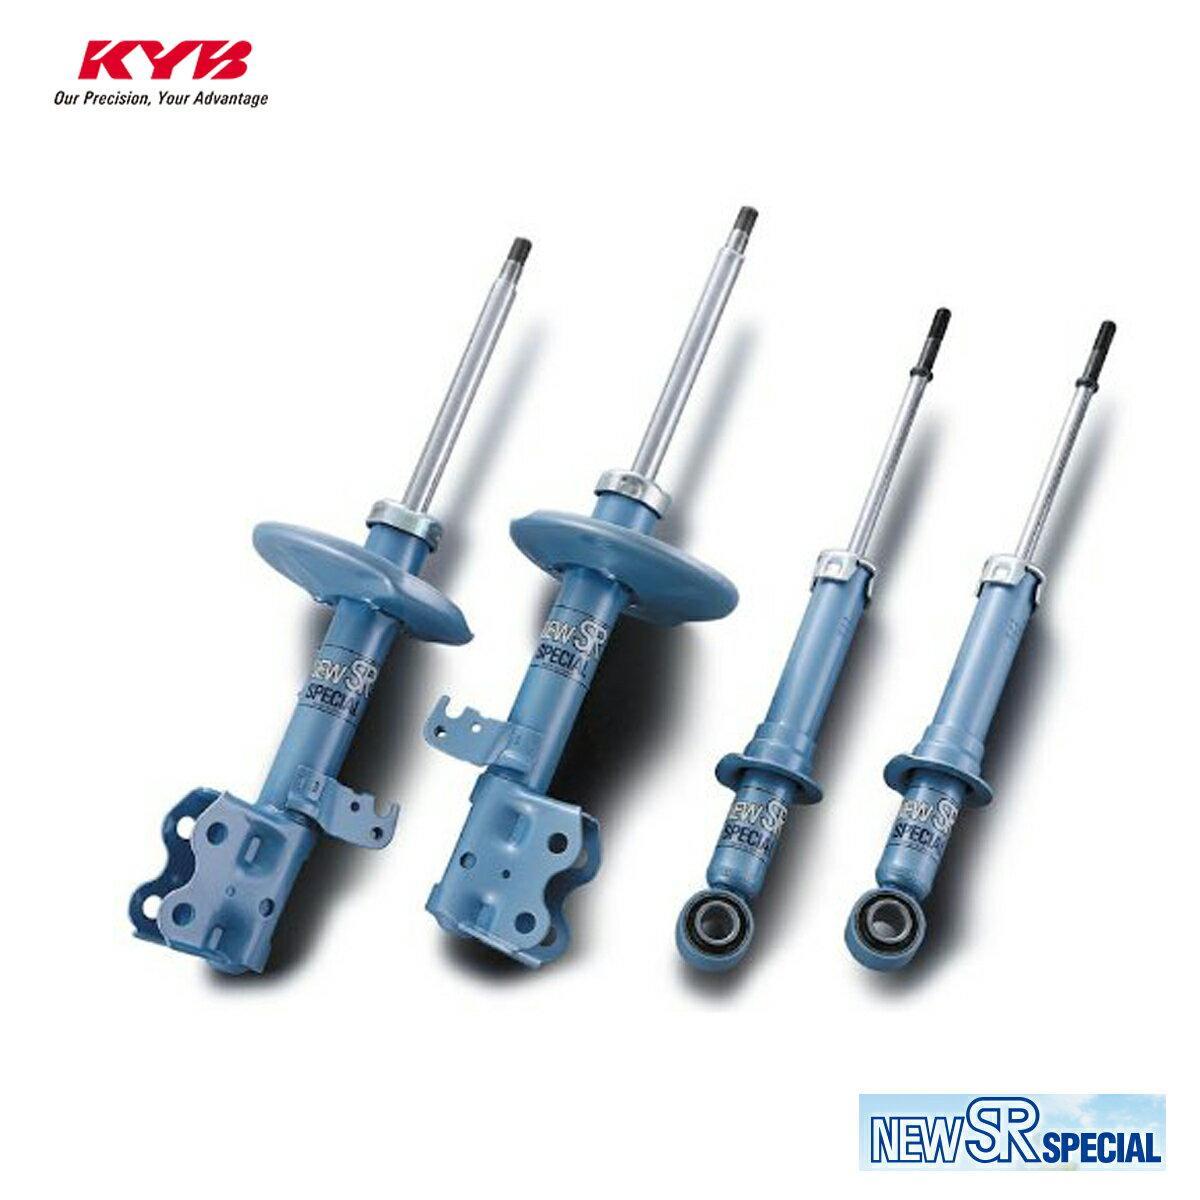 KYB カヤバ セレナ HFC26 ショックアブソーバー フロント 右用 1本 NEW SR SPECIAL NST5459R 配送先条件有り